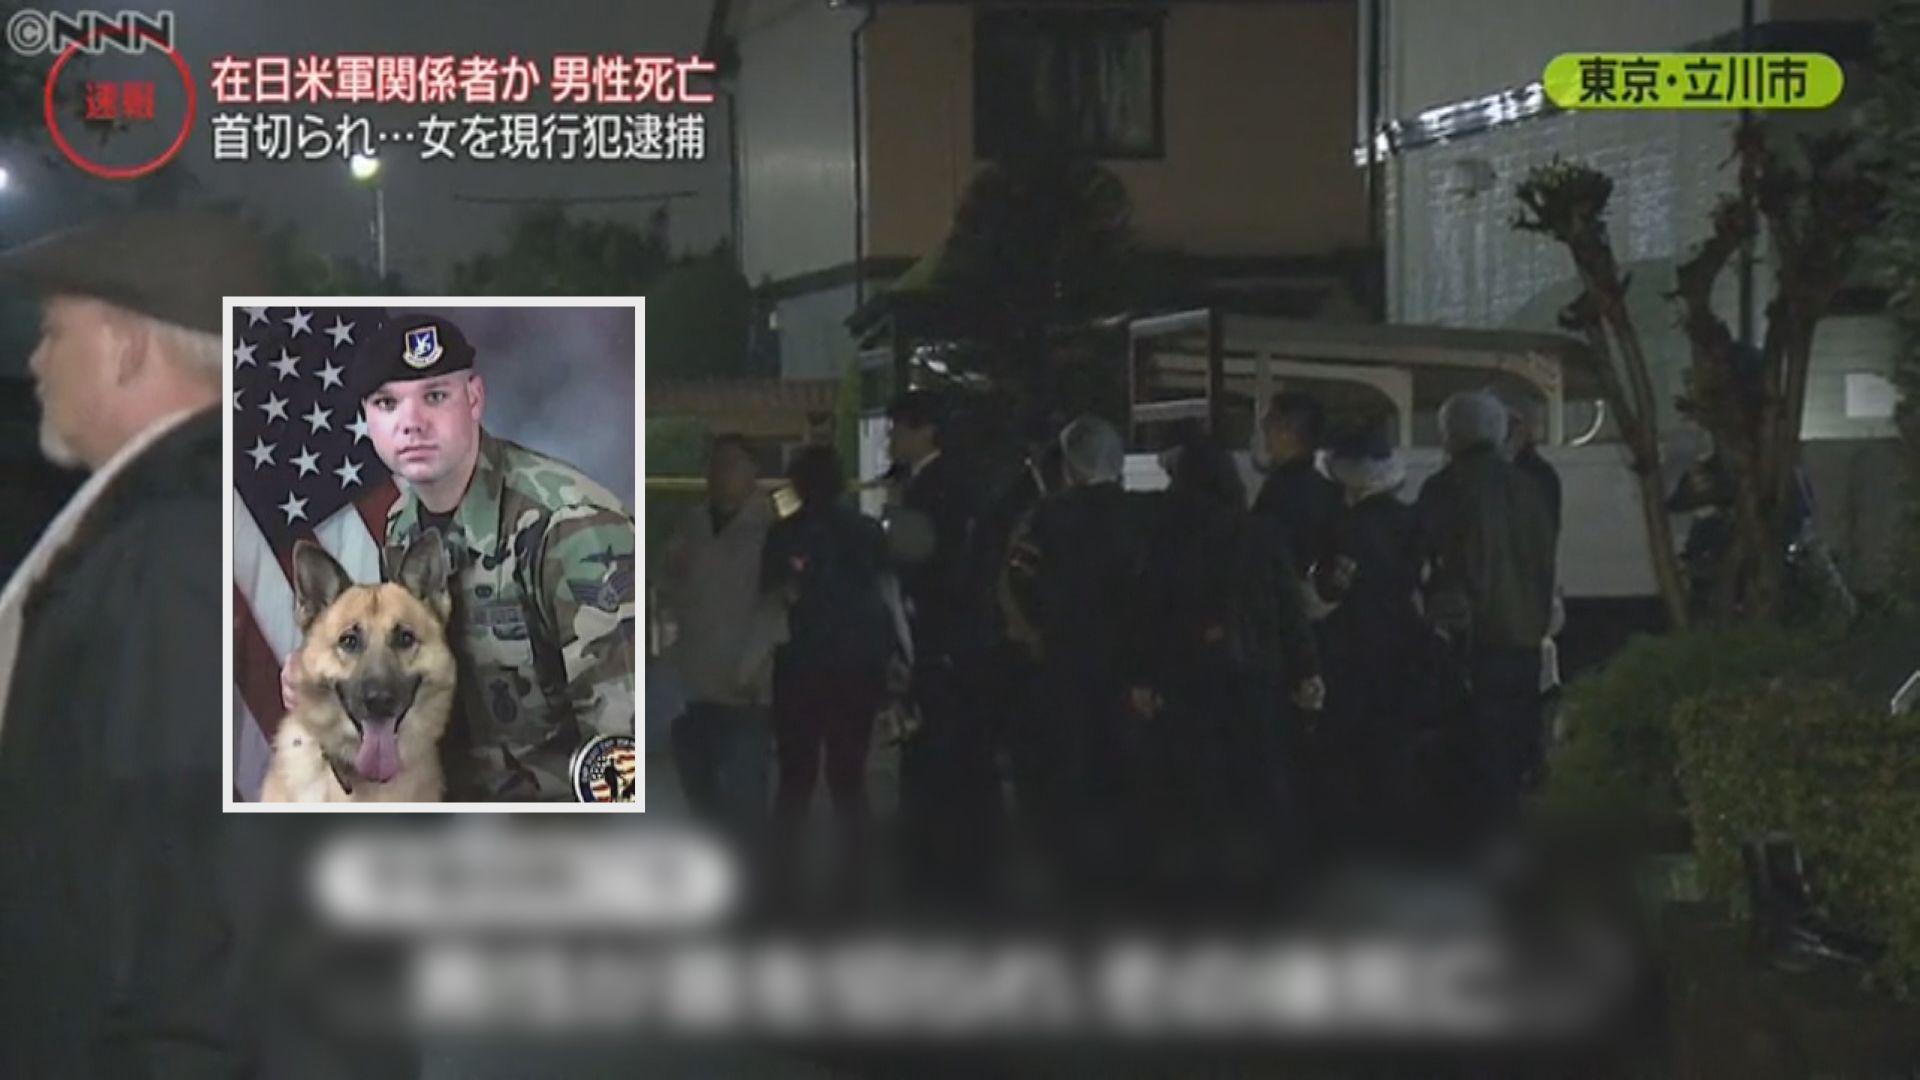 駐日美軍遇害 其日籍女友被捕